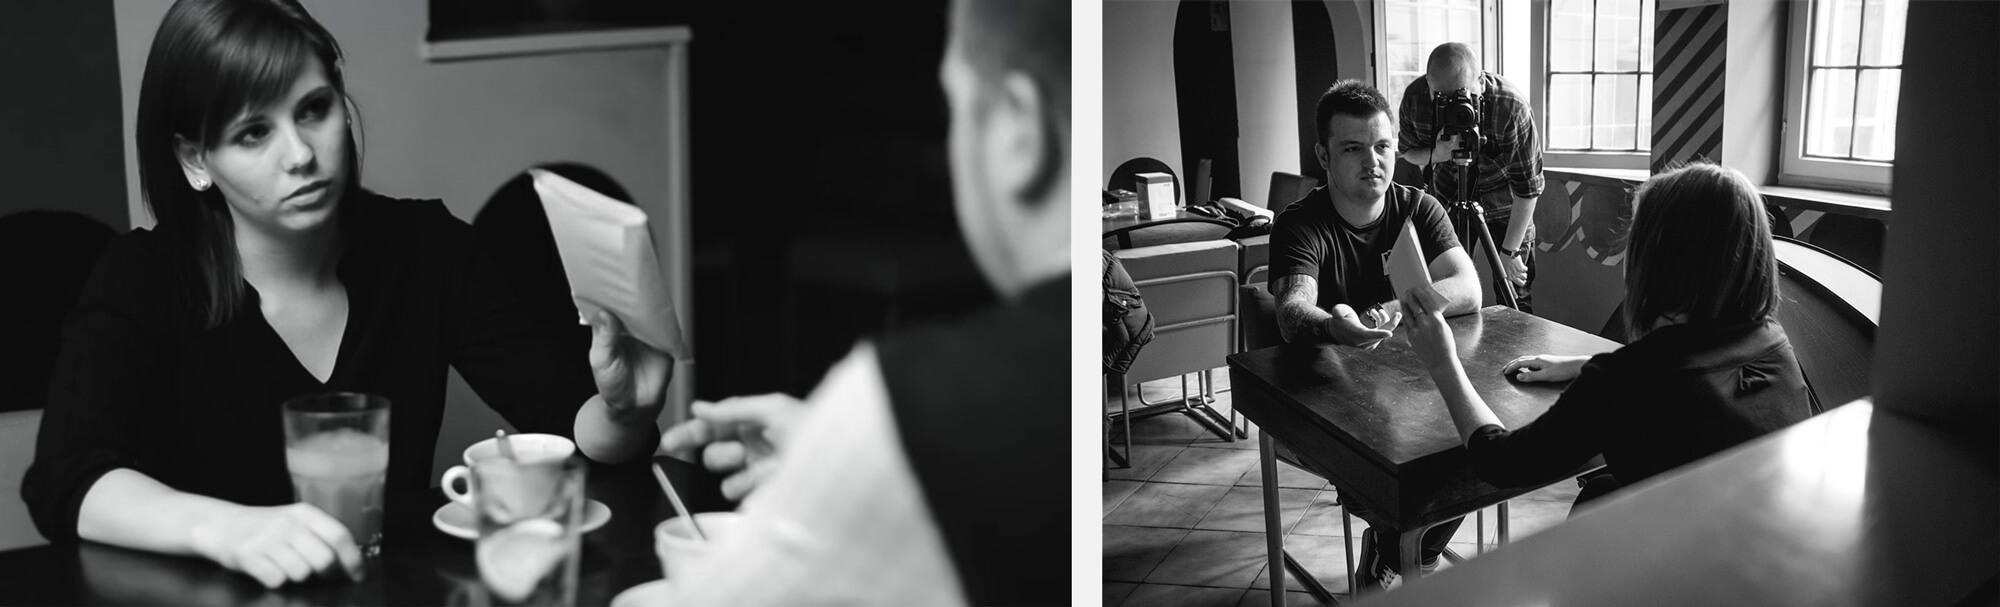 Bal oldalon a klipből egy képkocka látható, míg jobb oldalon a werkfotó.